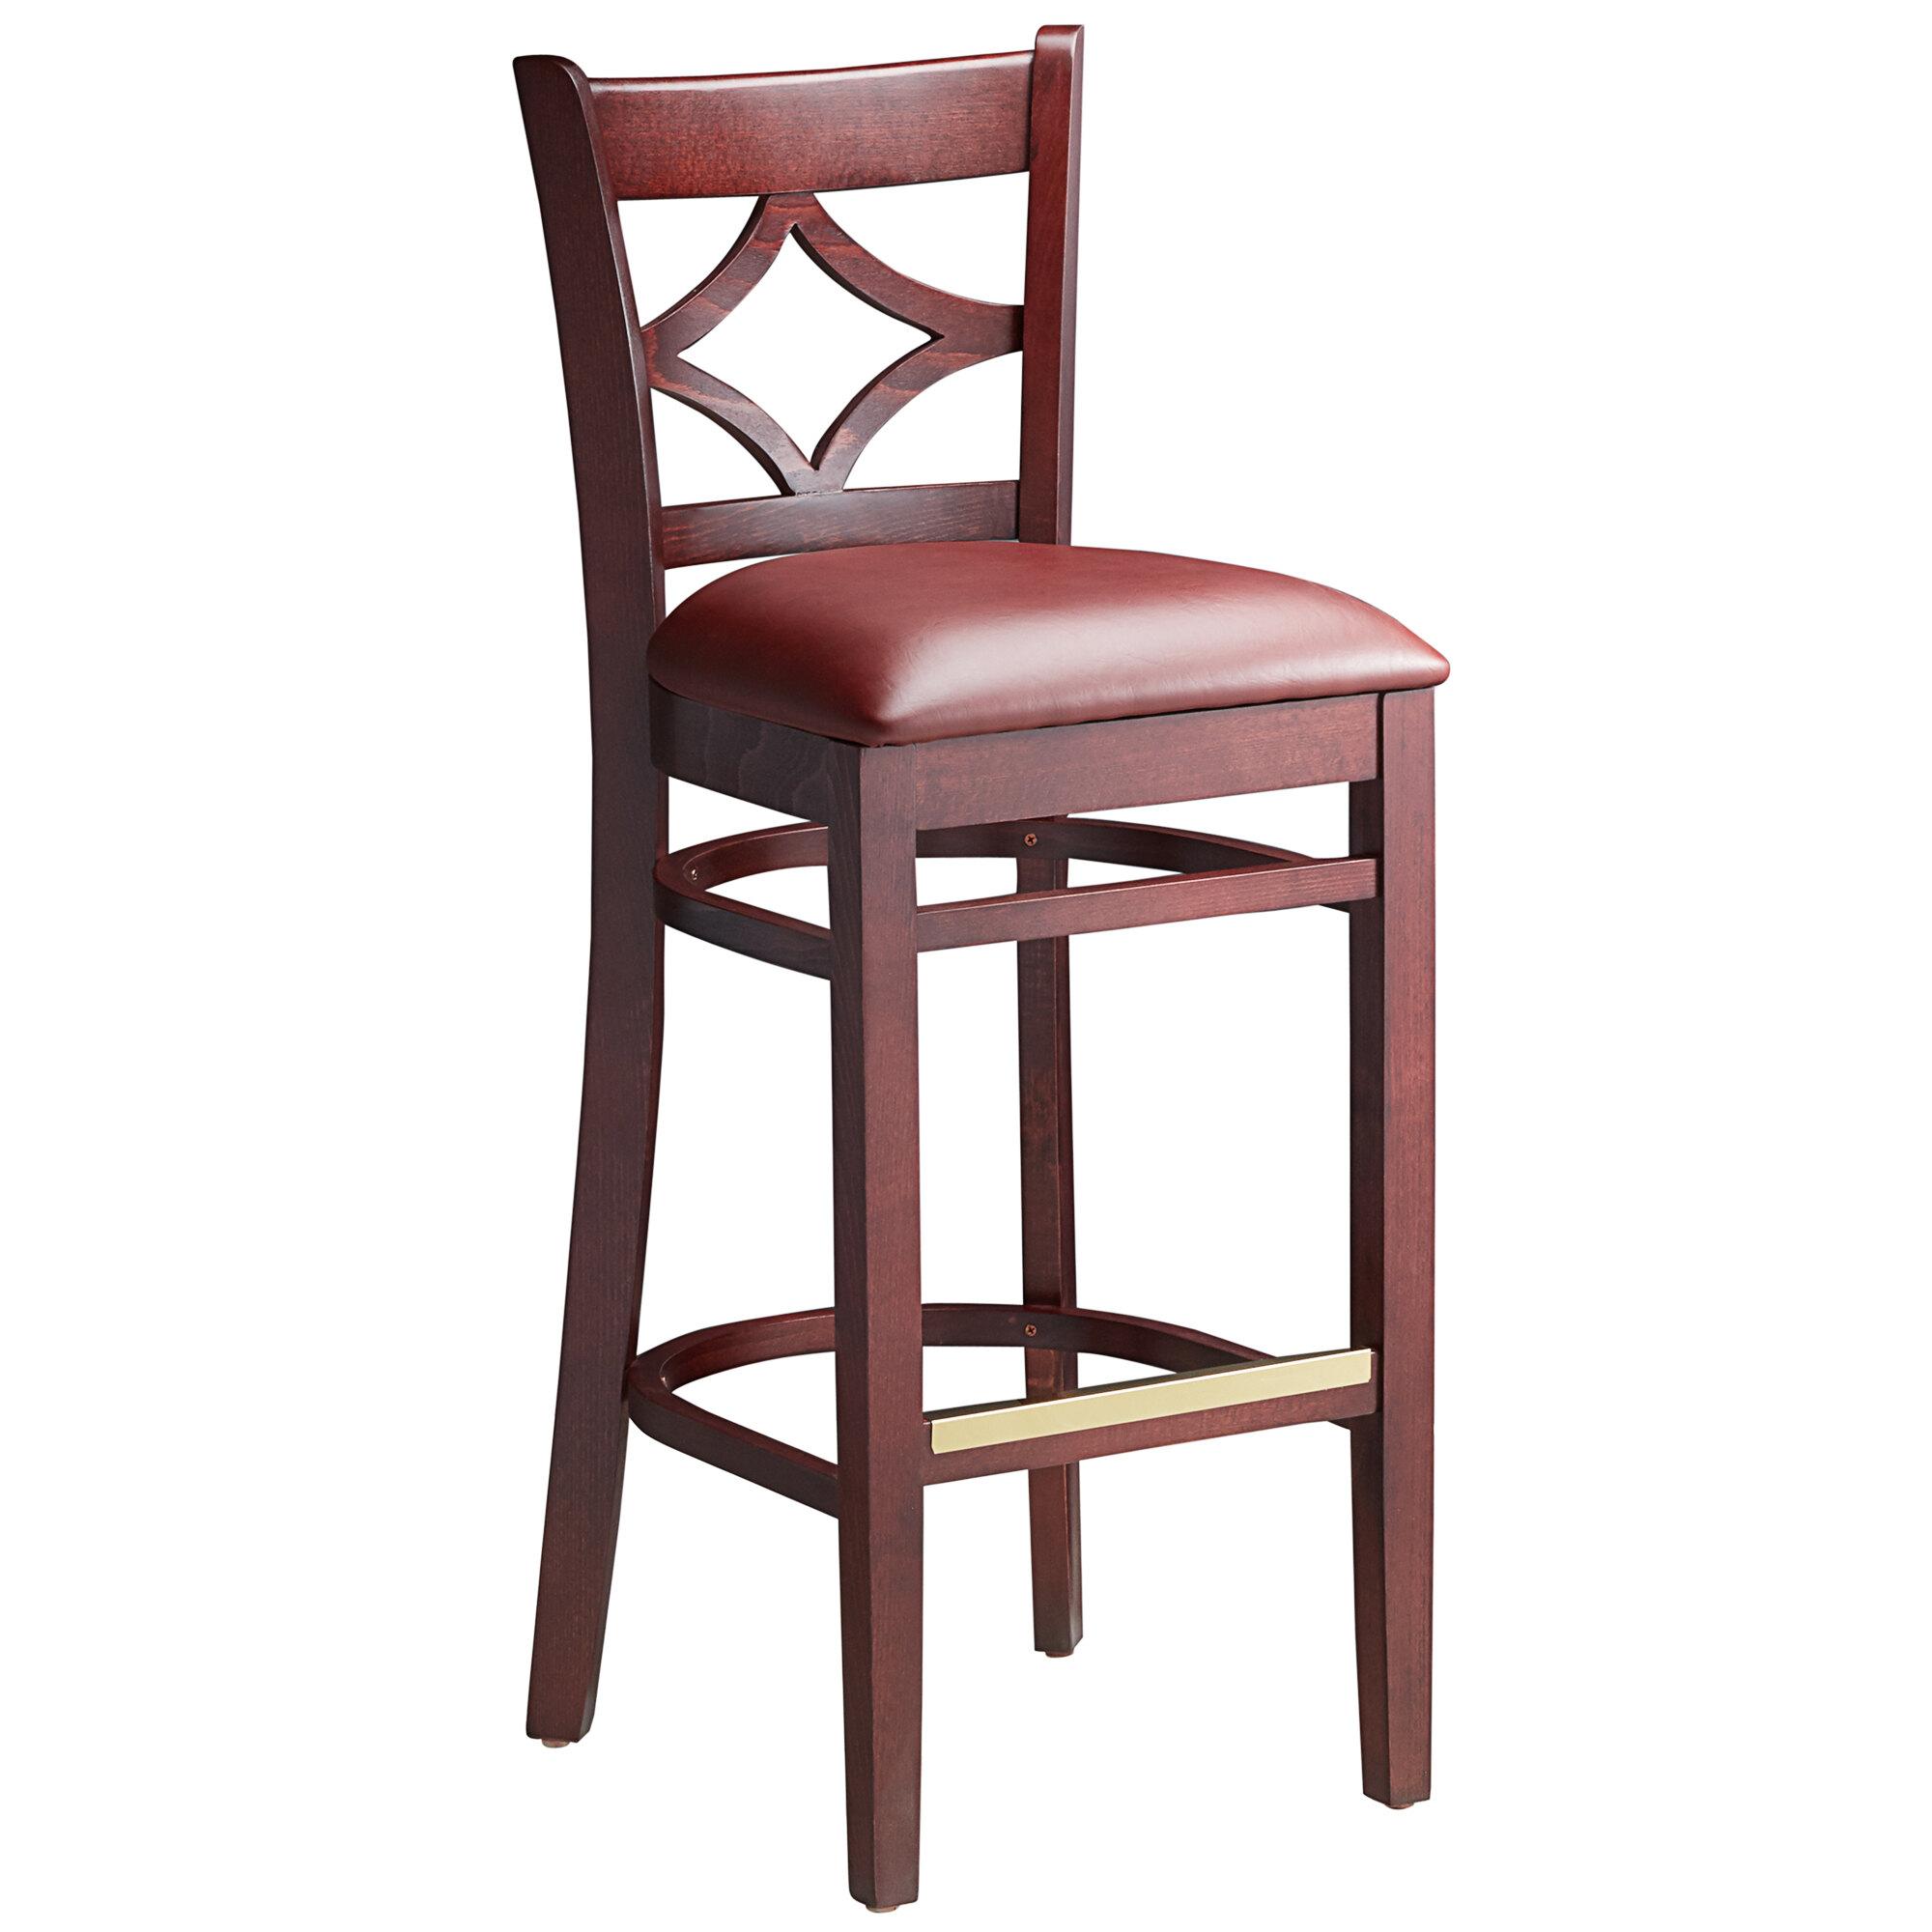 #104 - Mahogany Wood Finished Diamond Back Restaurant Barstool with Burgundy Vinyl Seat